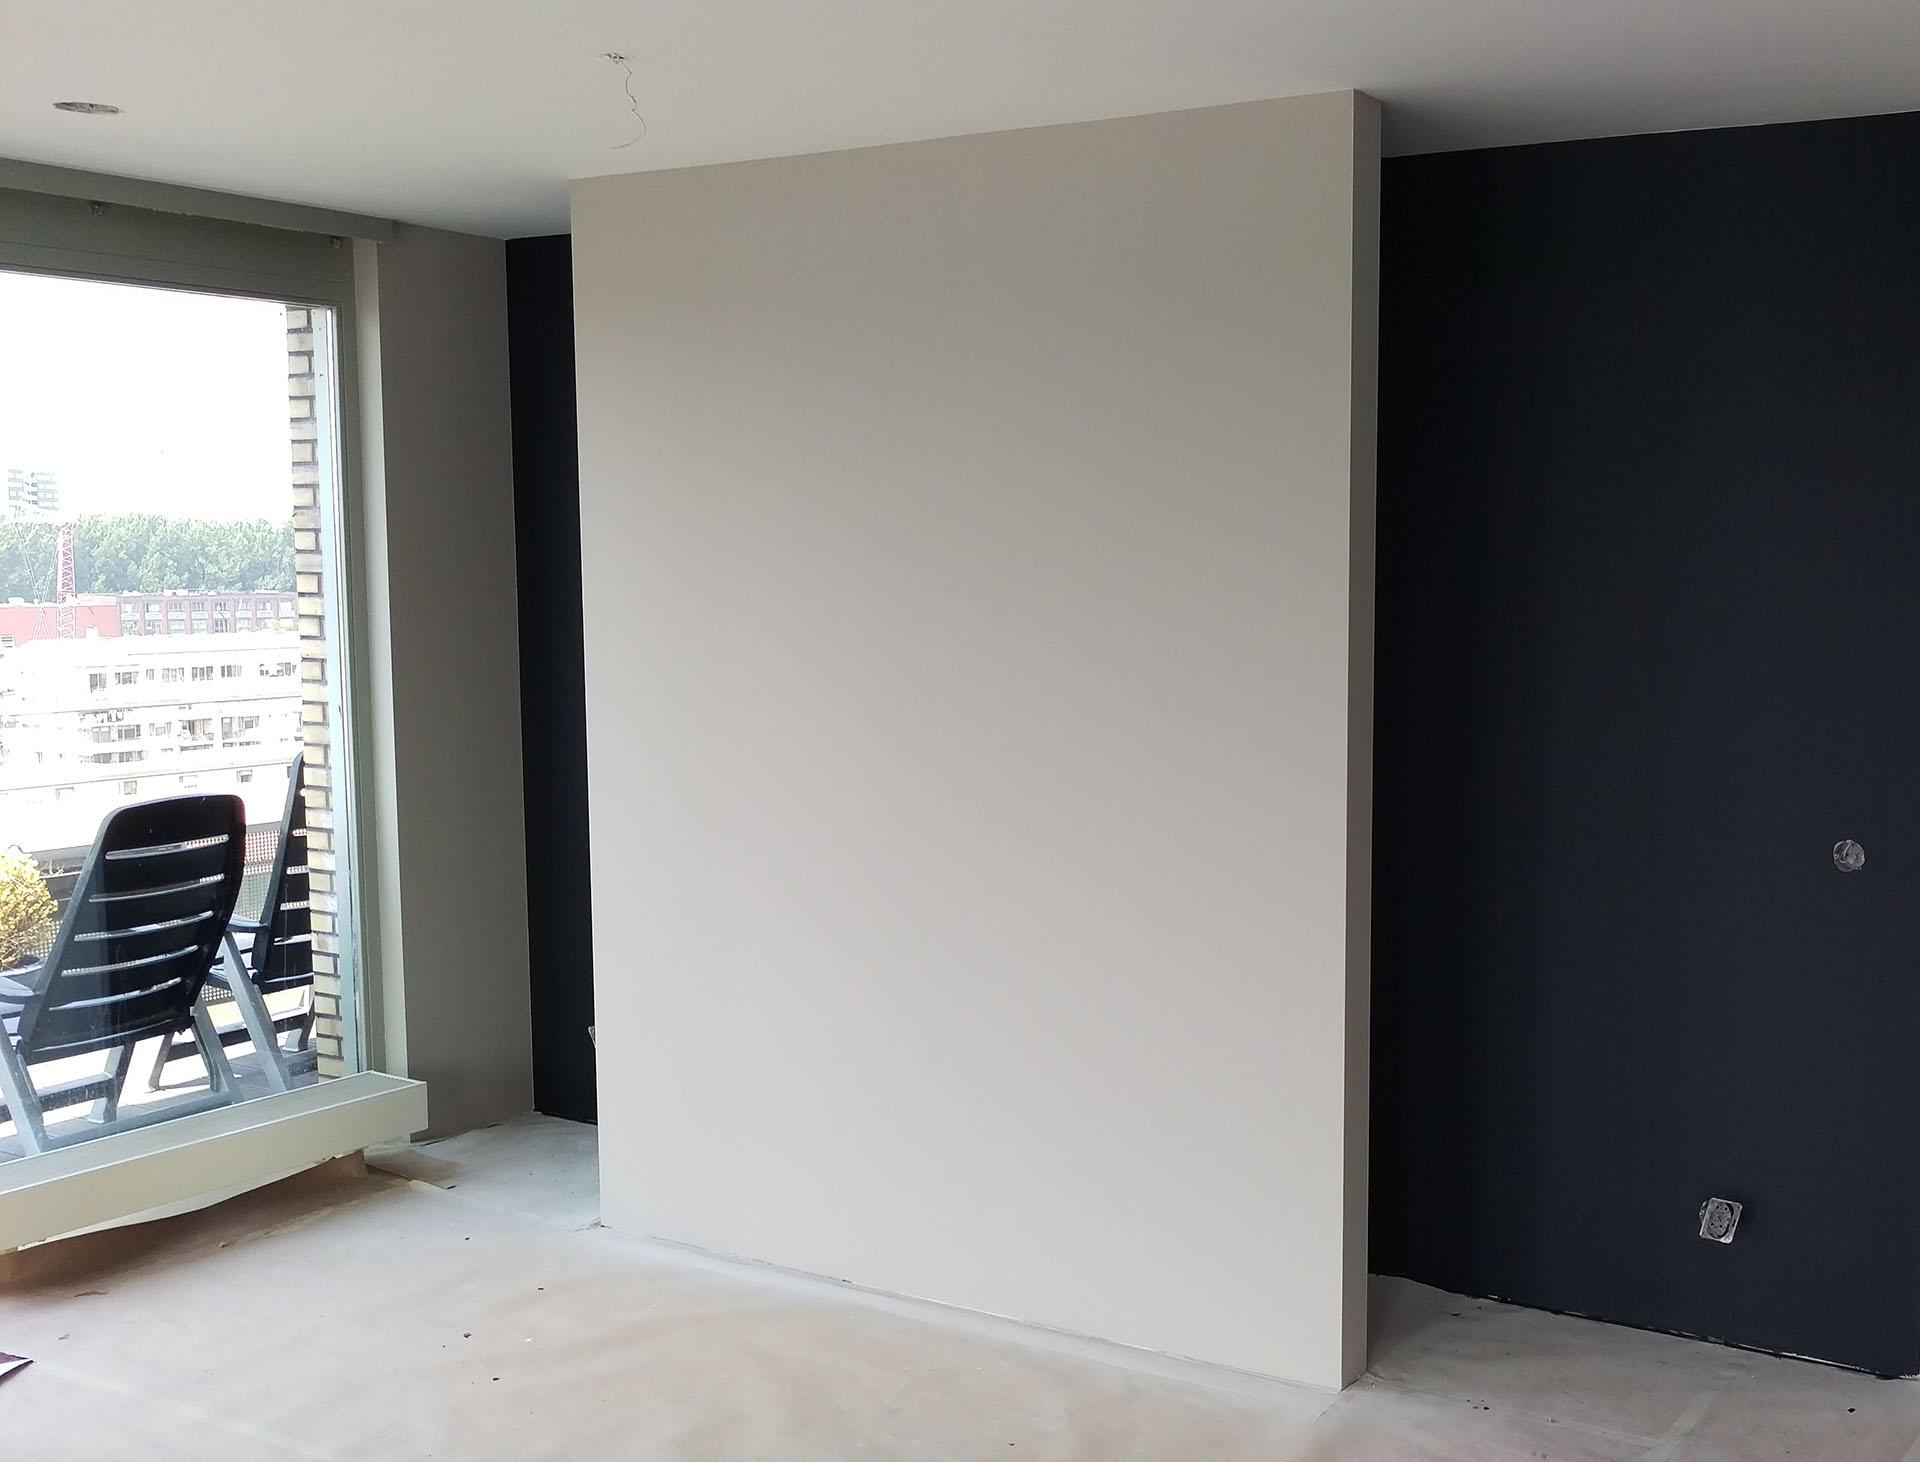 meubelset woonkamer aanbieding landelijke woonkamer blauw. Black Bedroom Furniture Sets. Home Design Ideas